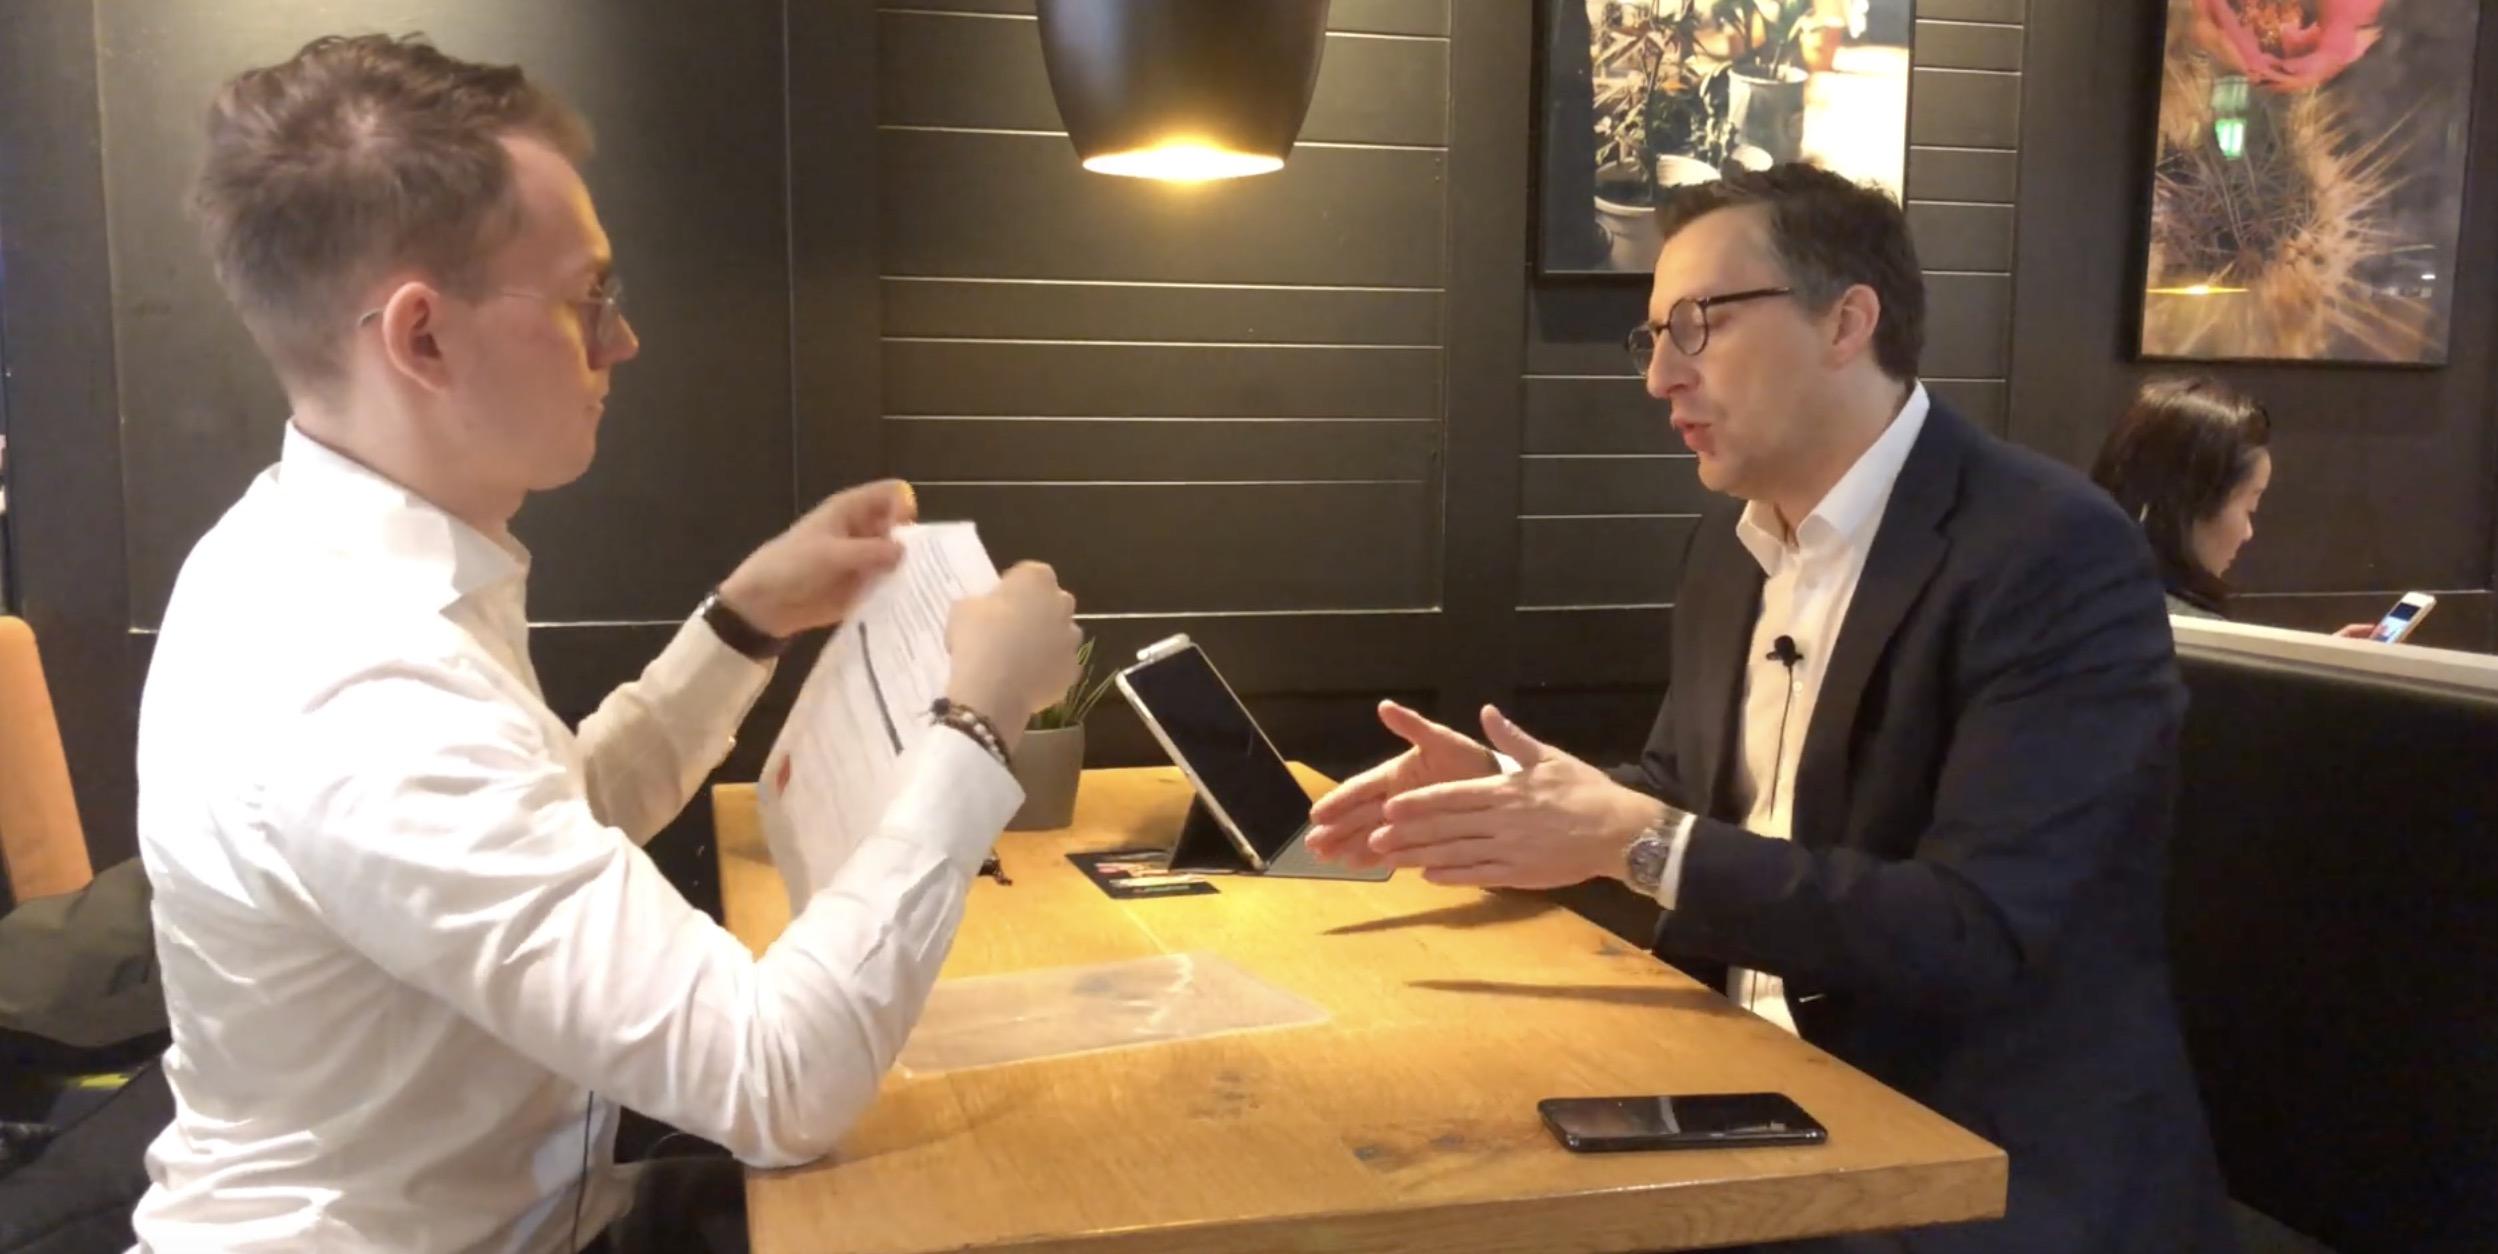 Einstieg und Gehalt als Consultant. Interview mit Marcus K. Reif